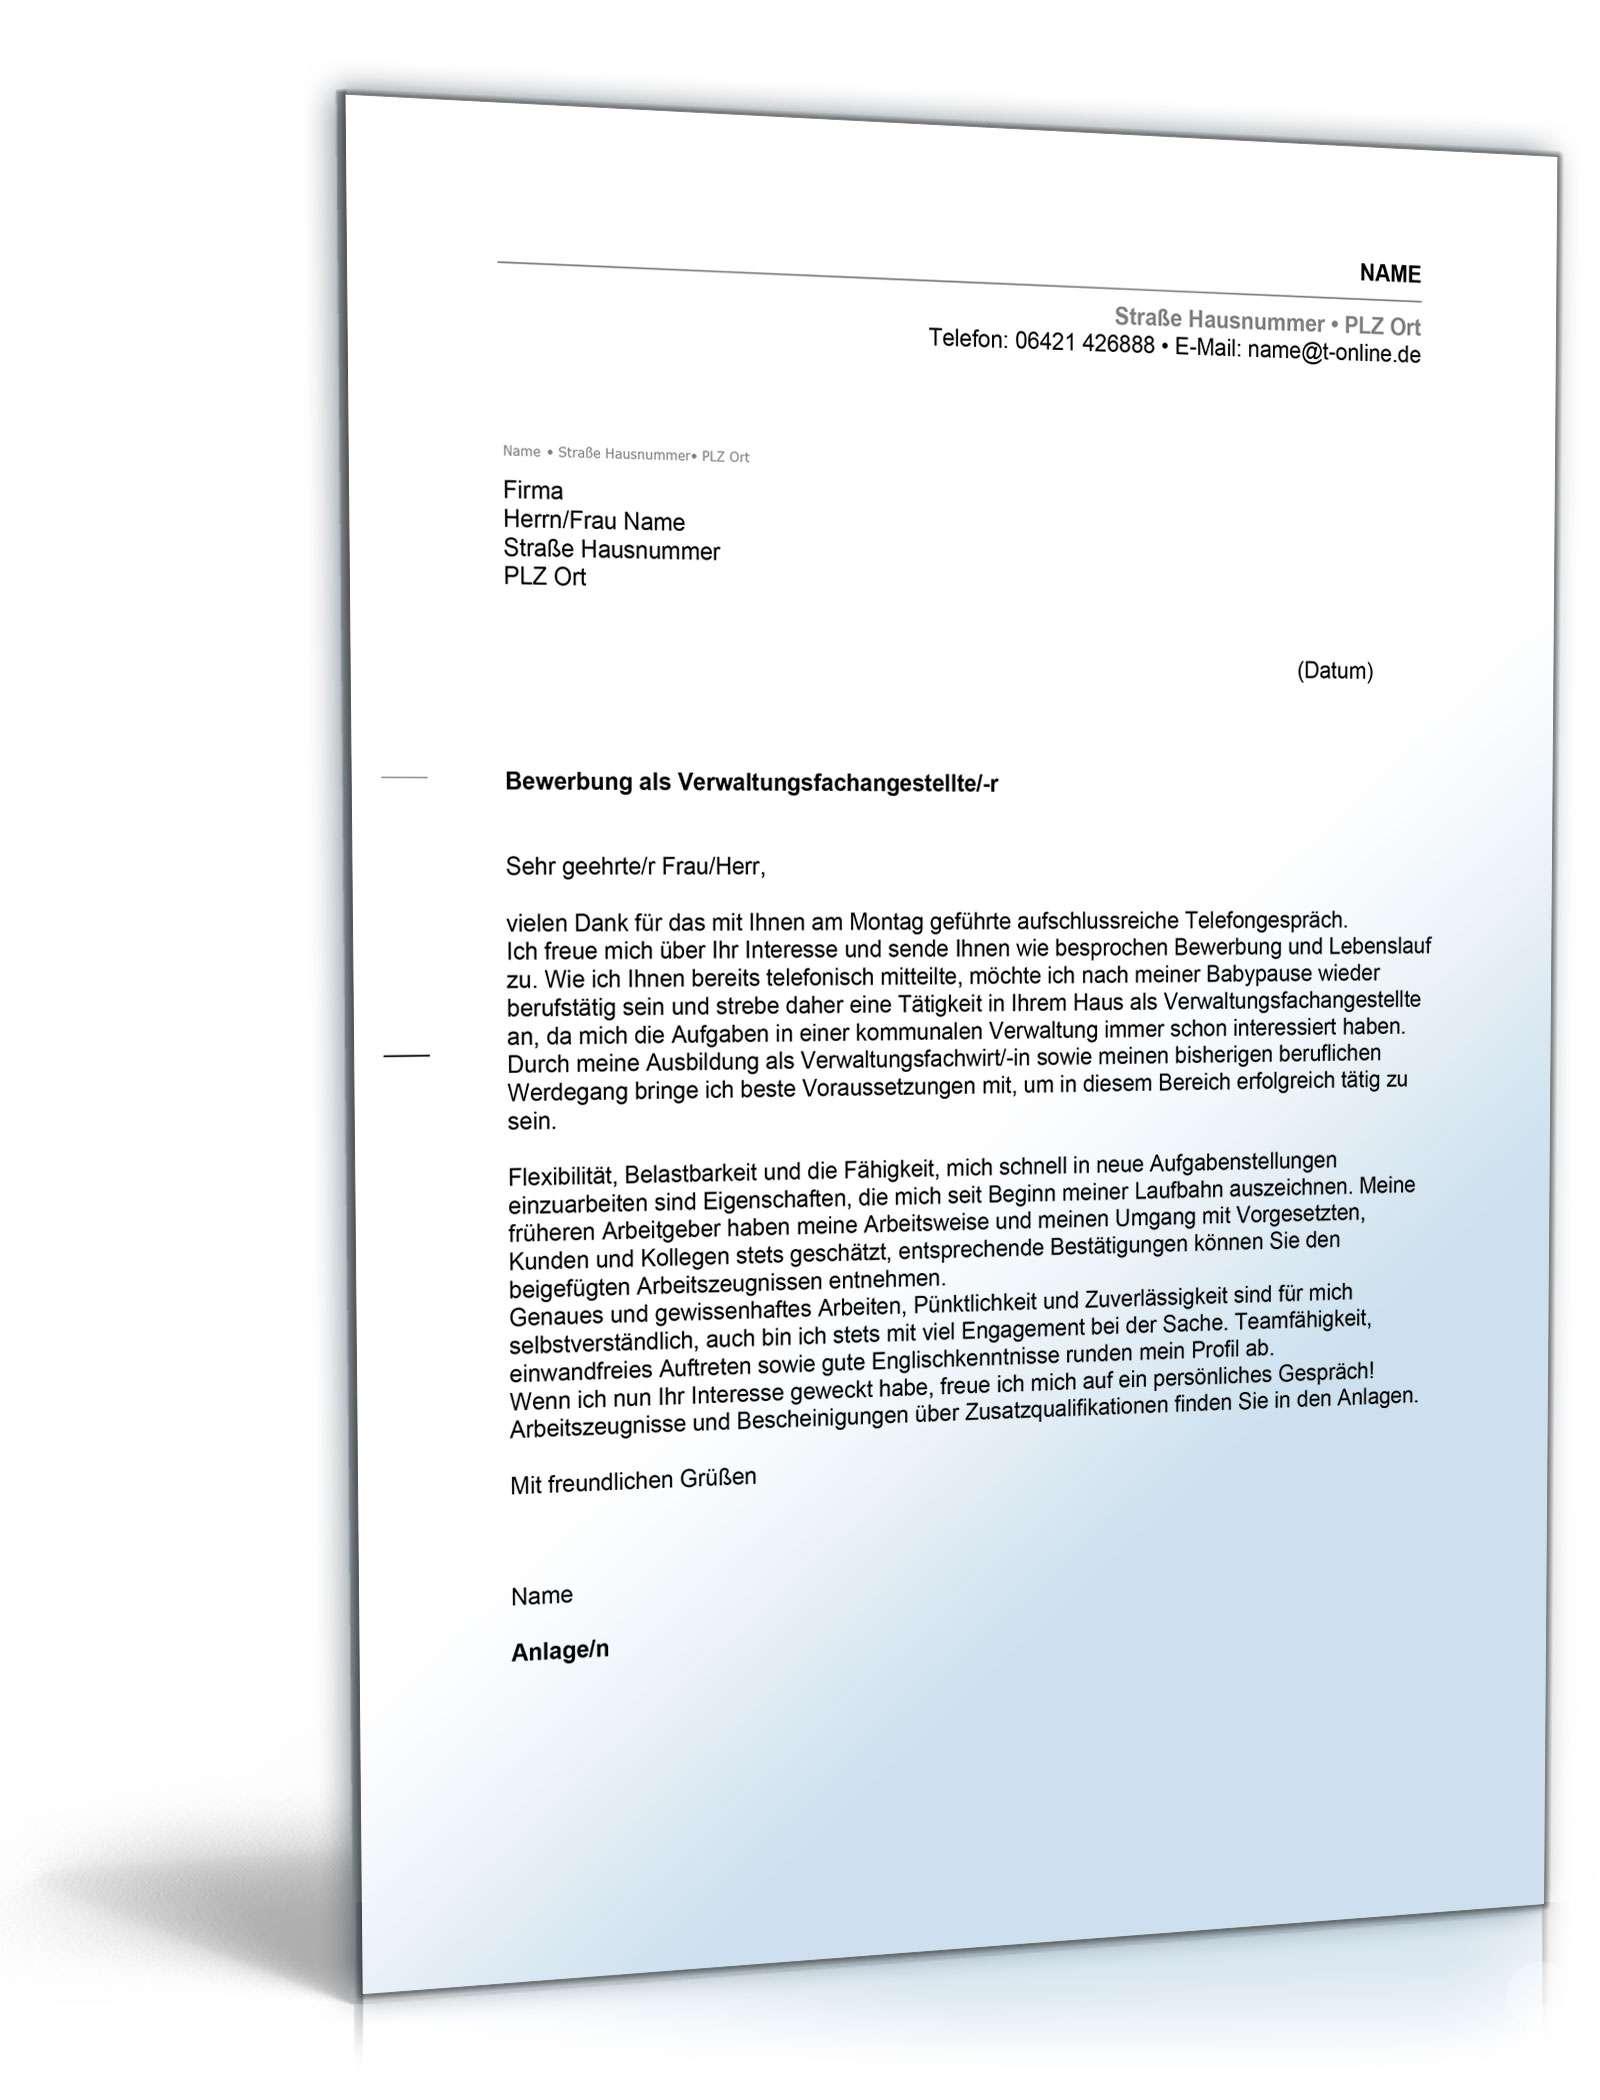 Anschreiben Bewerbung Verwaltungsfachangestellte